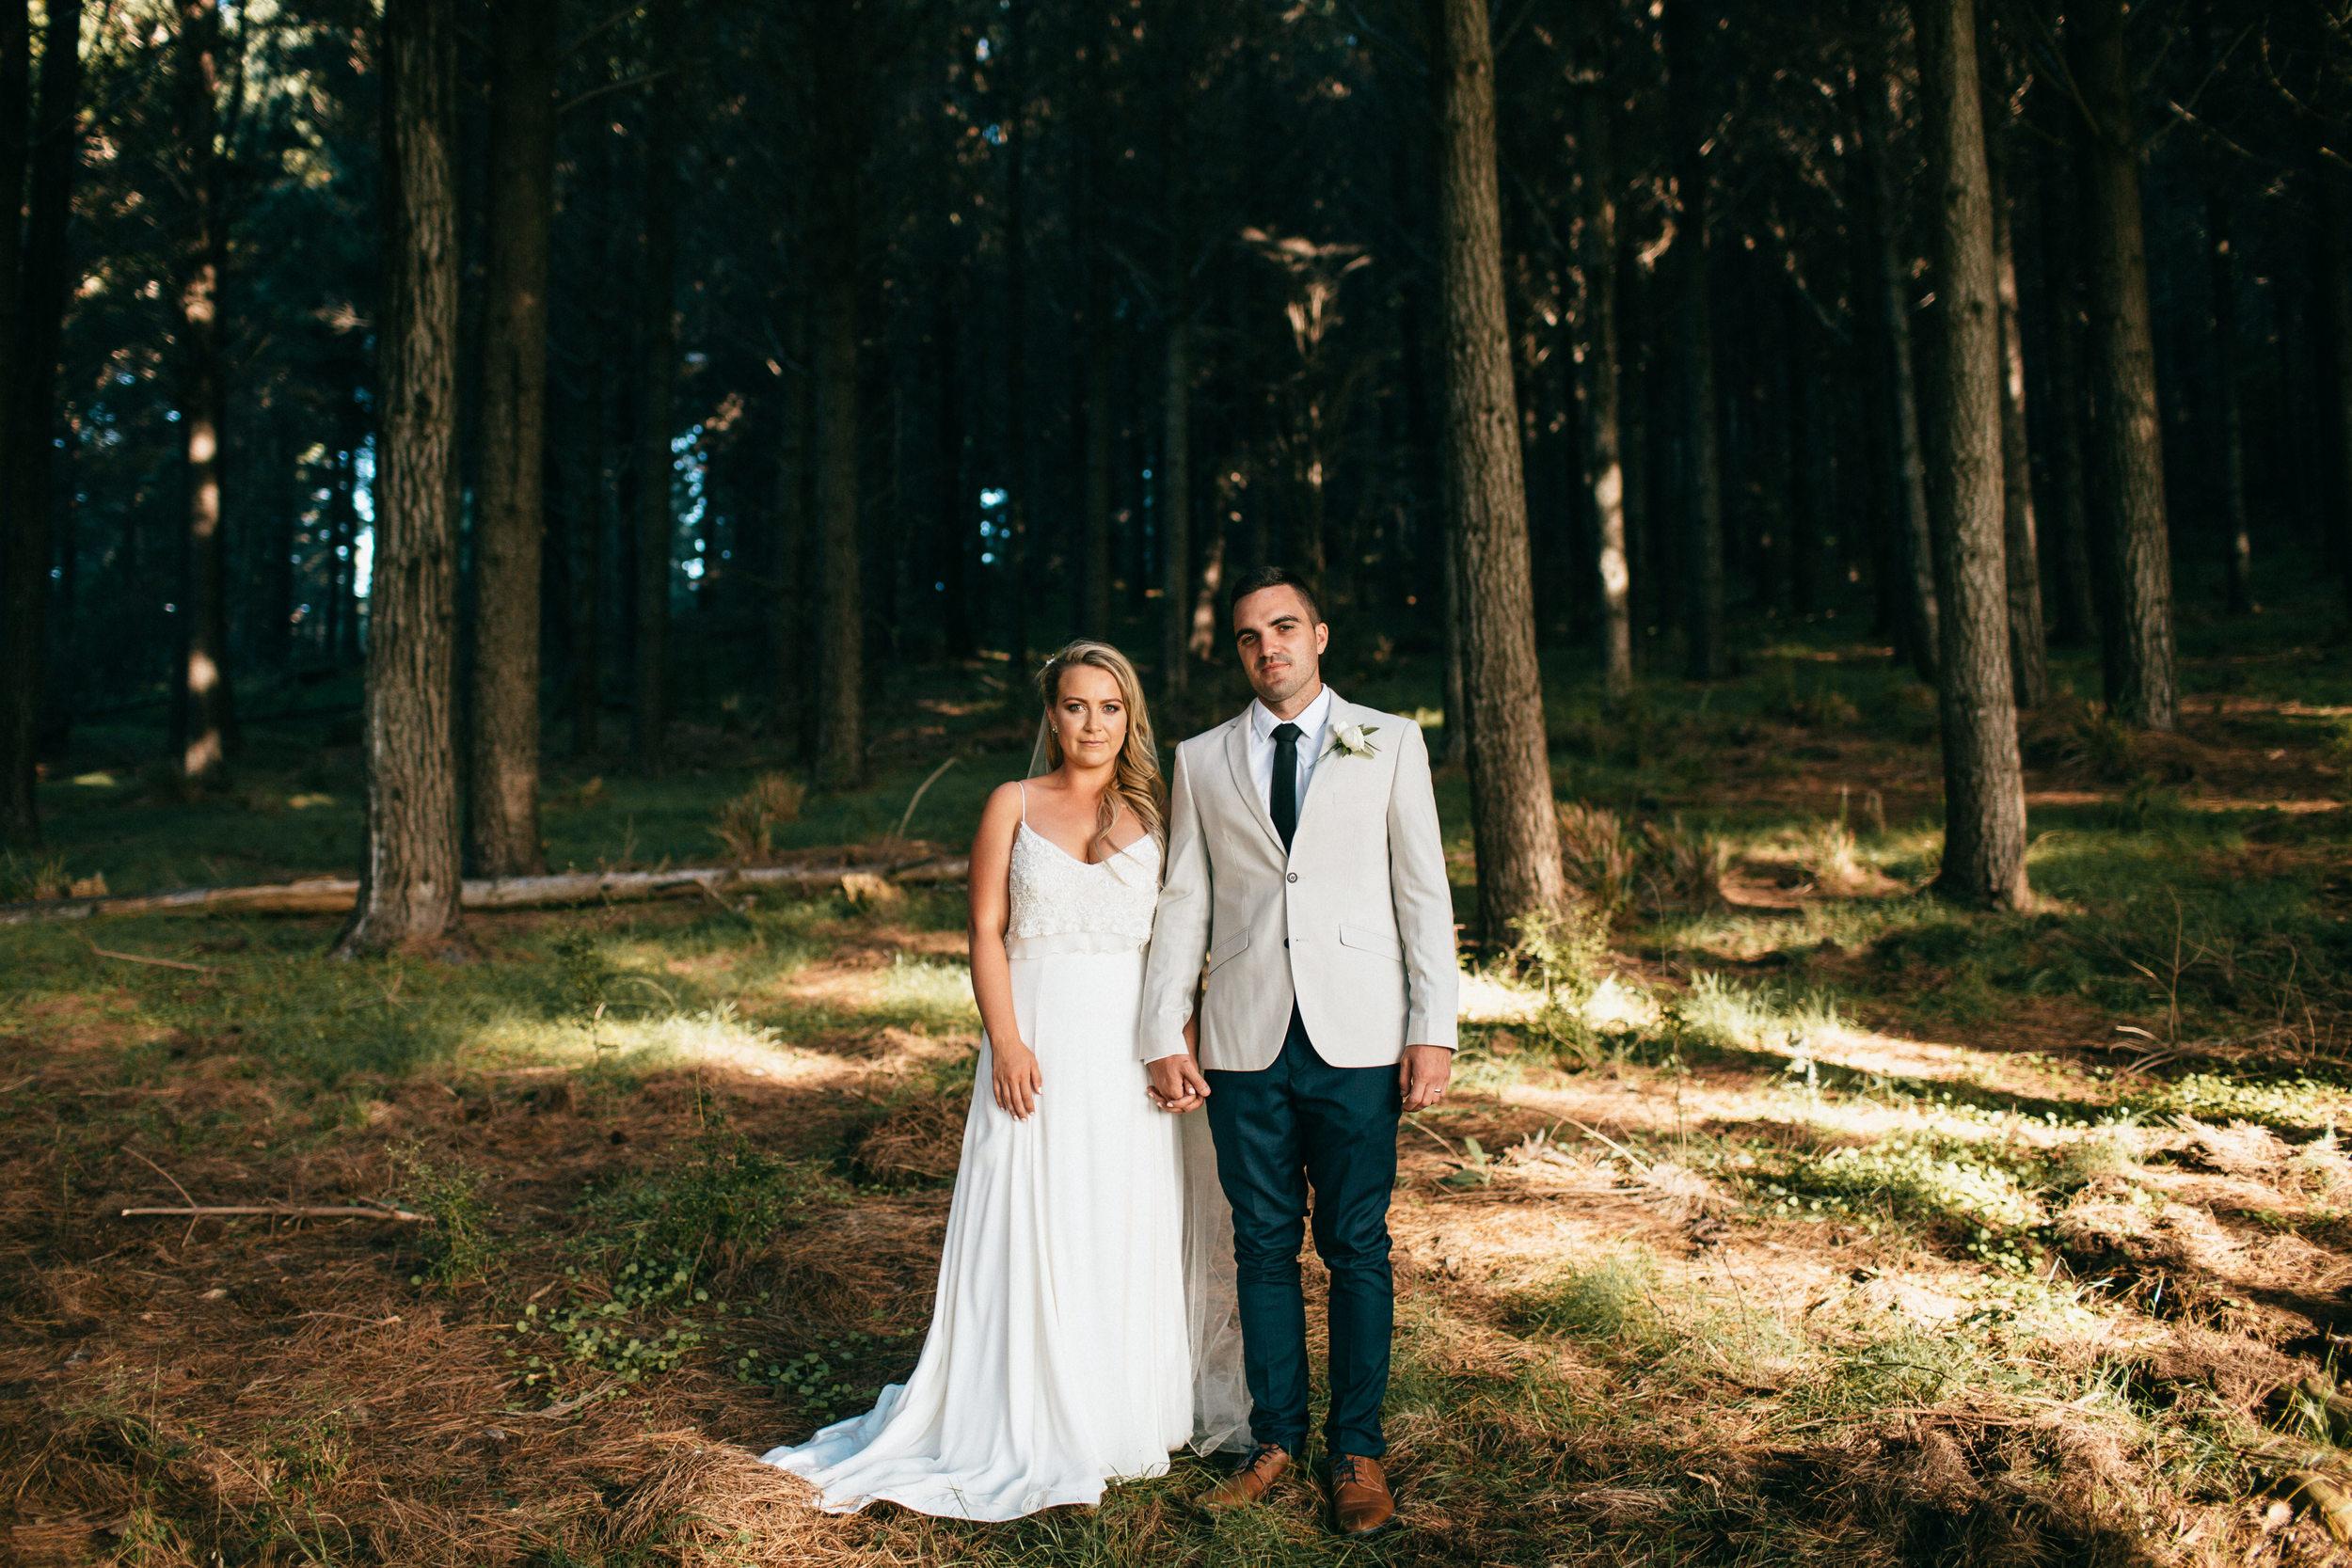 Corormandel-Wedding-Photographer-434